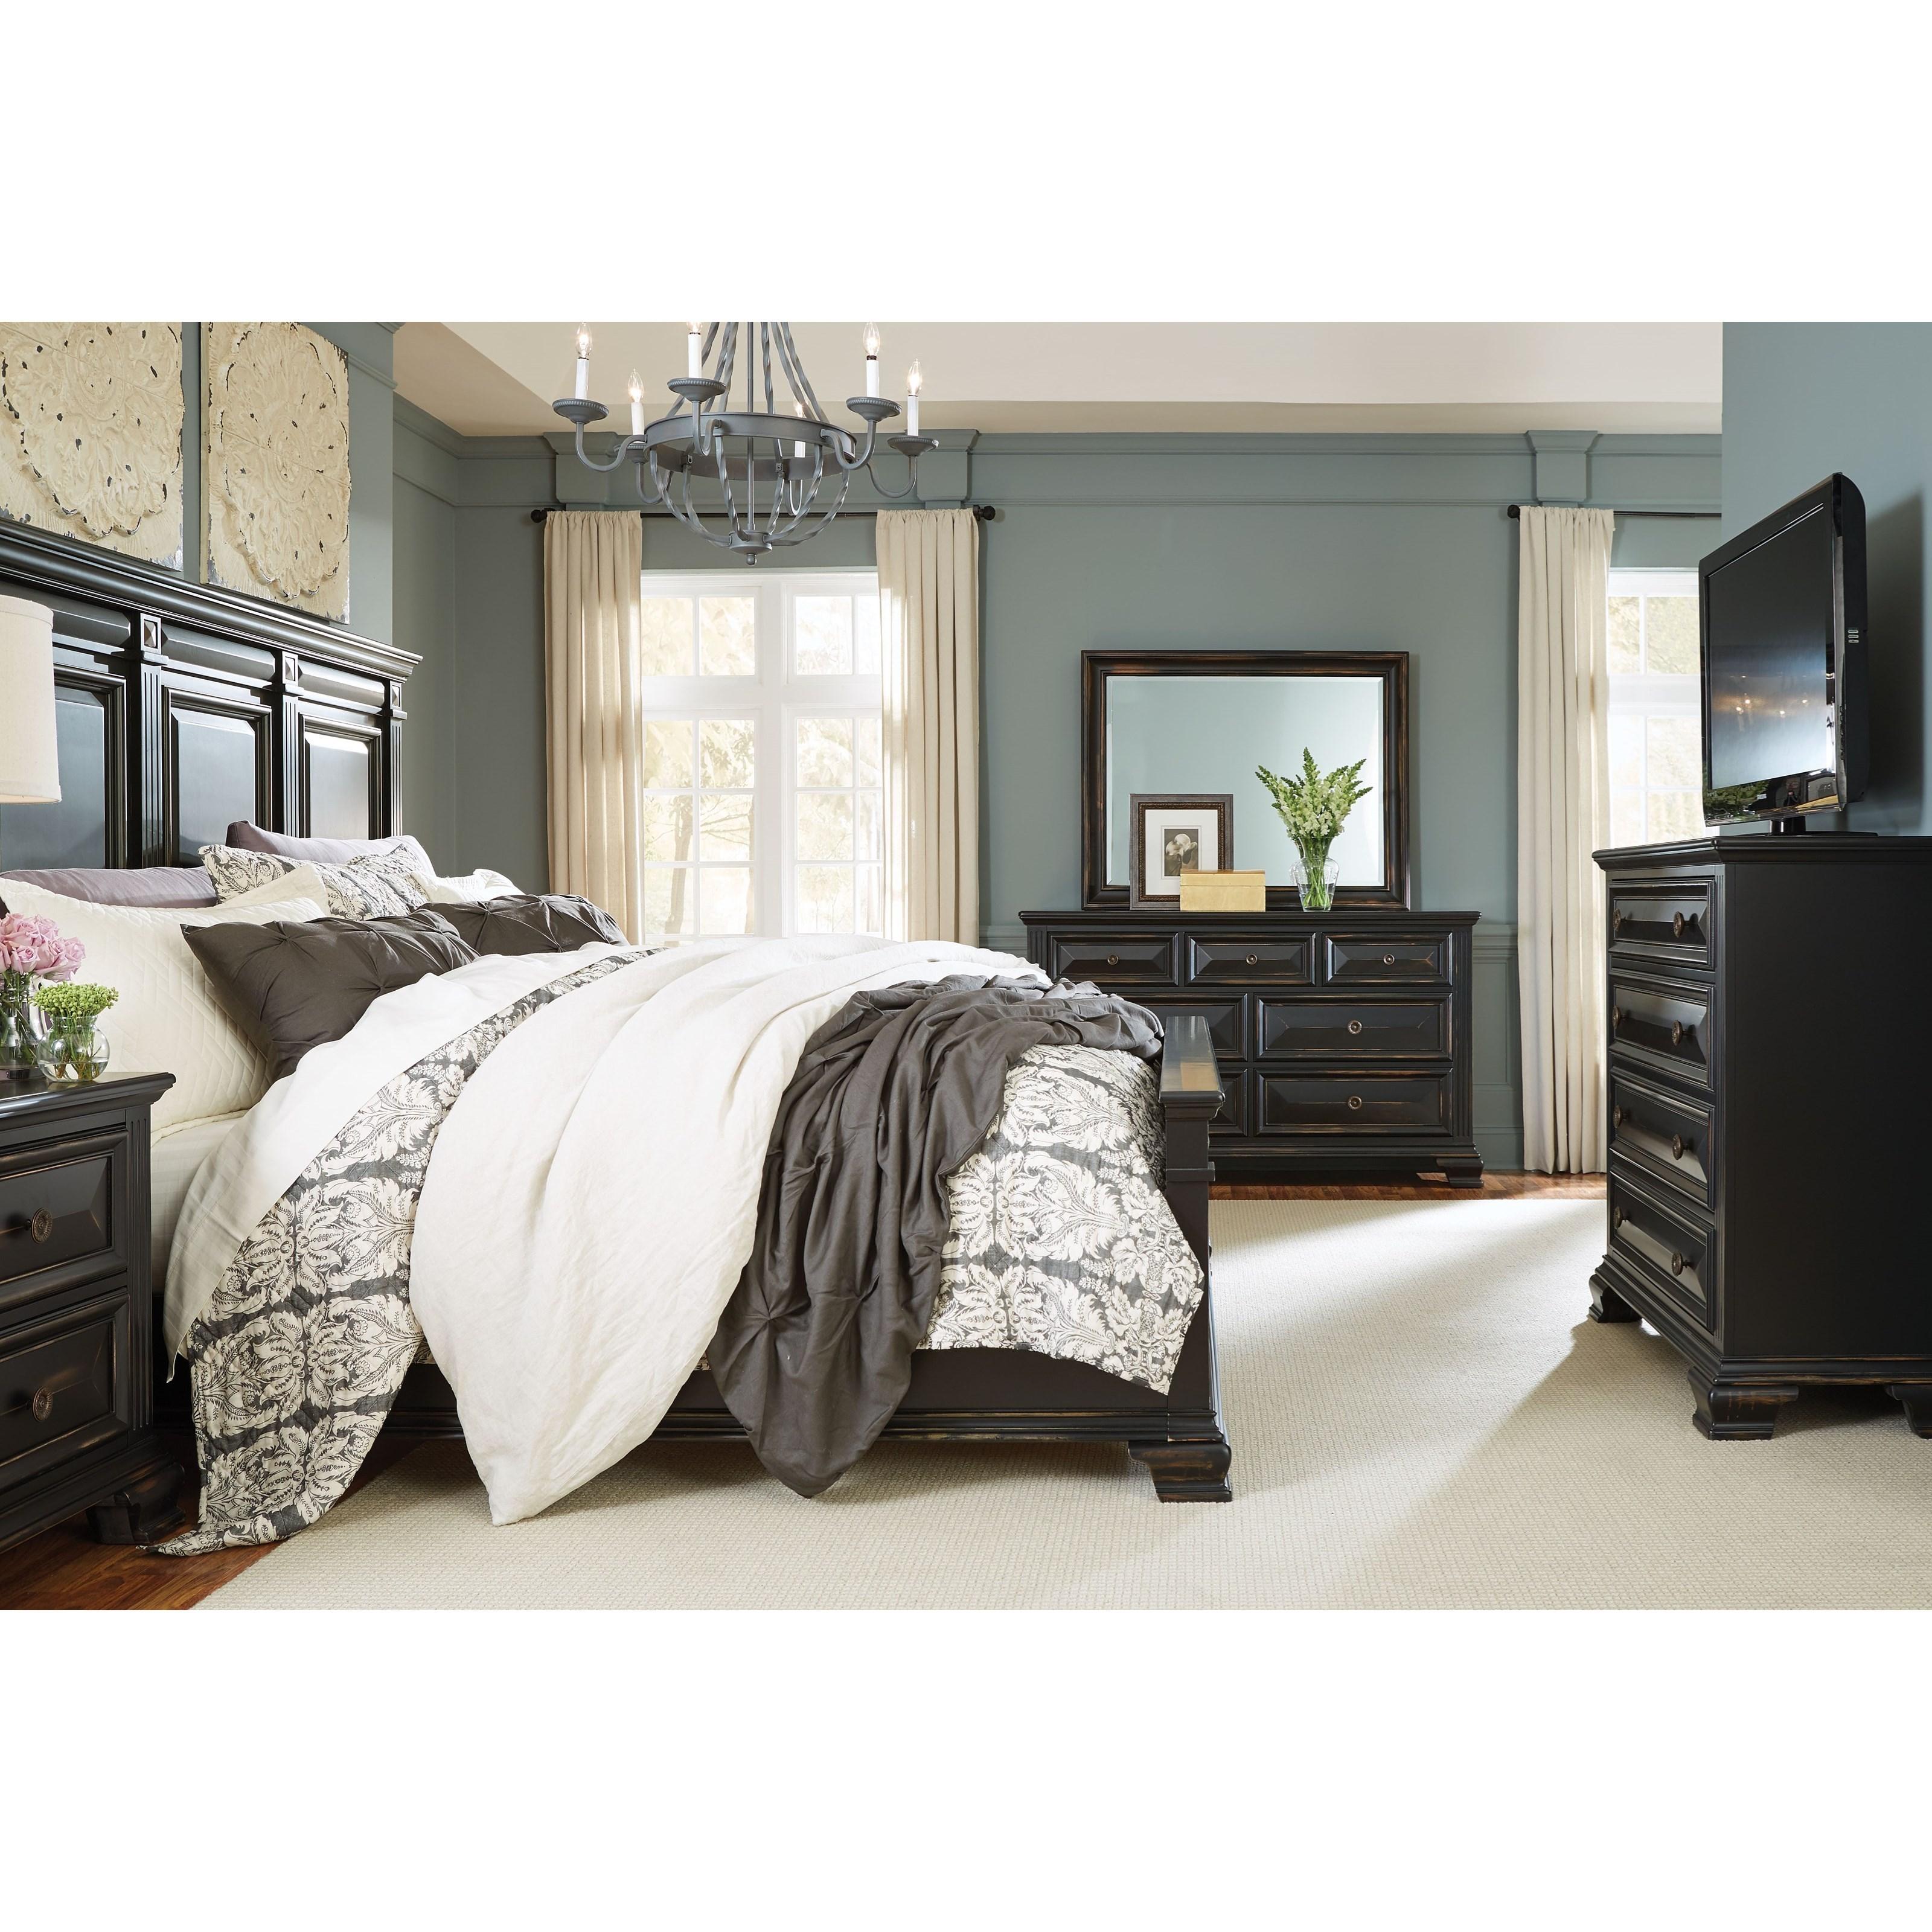 VFM Signature Passages King Bedroom Group - Item Number: 86900 K Bedroom Group 1